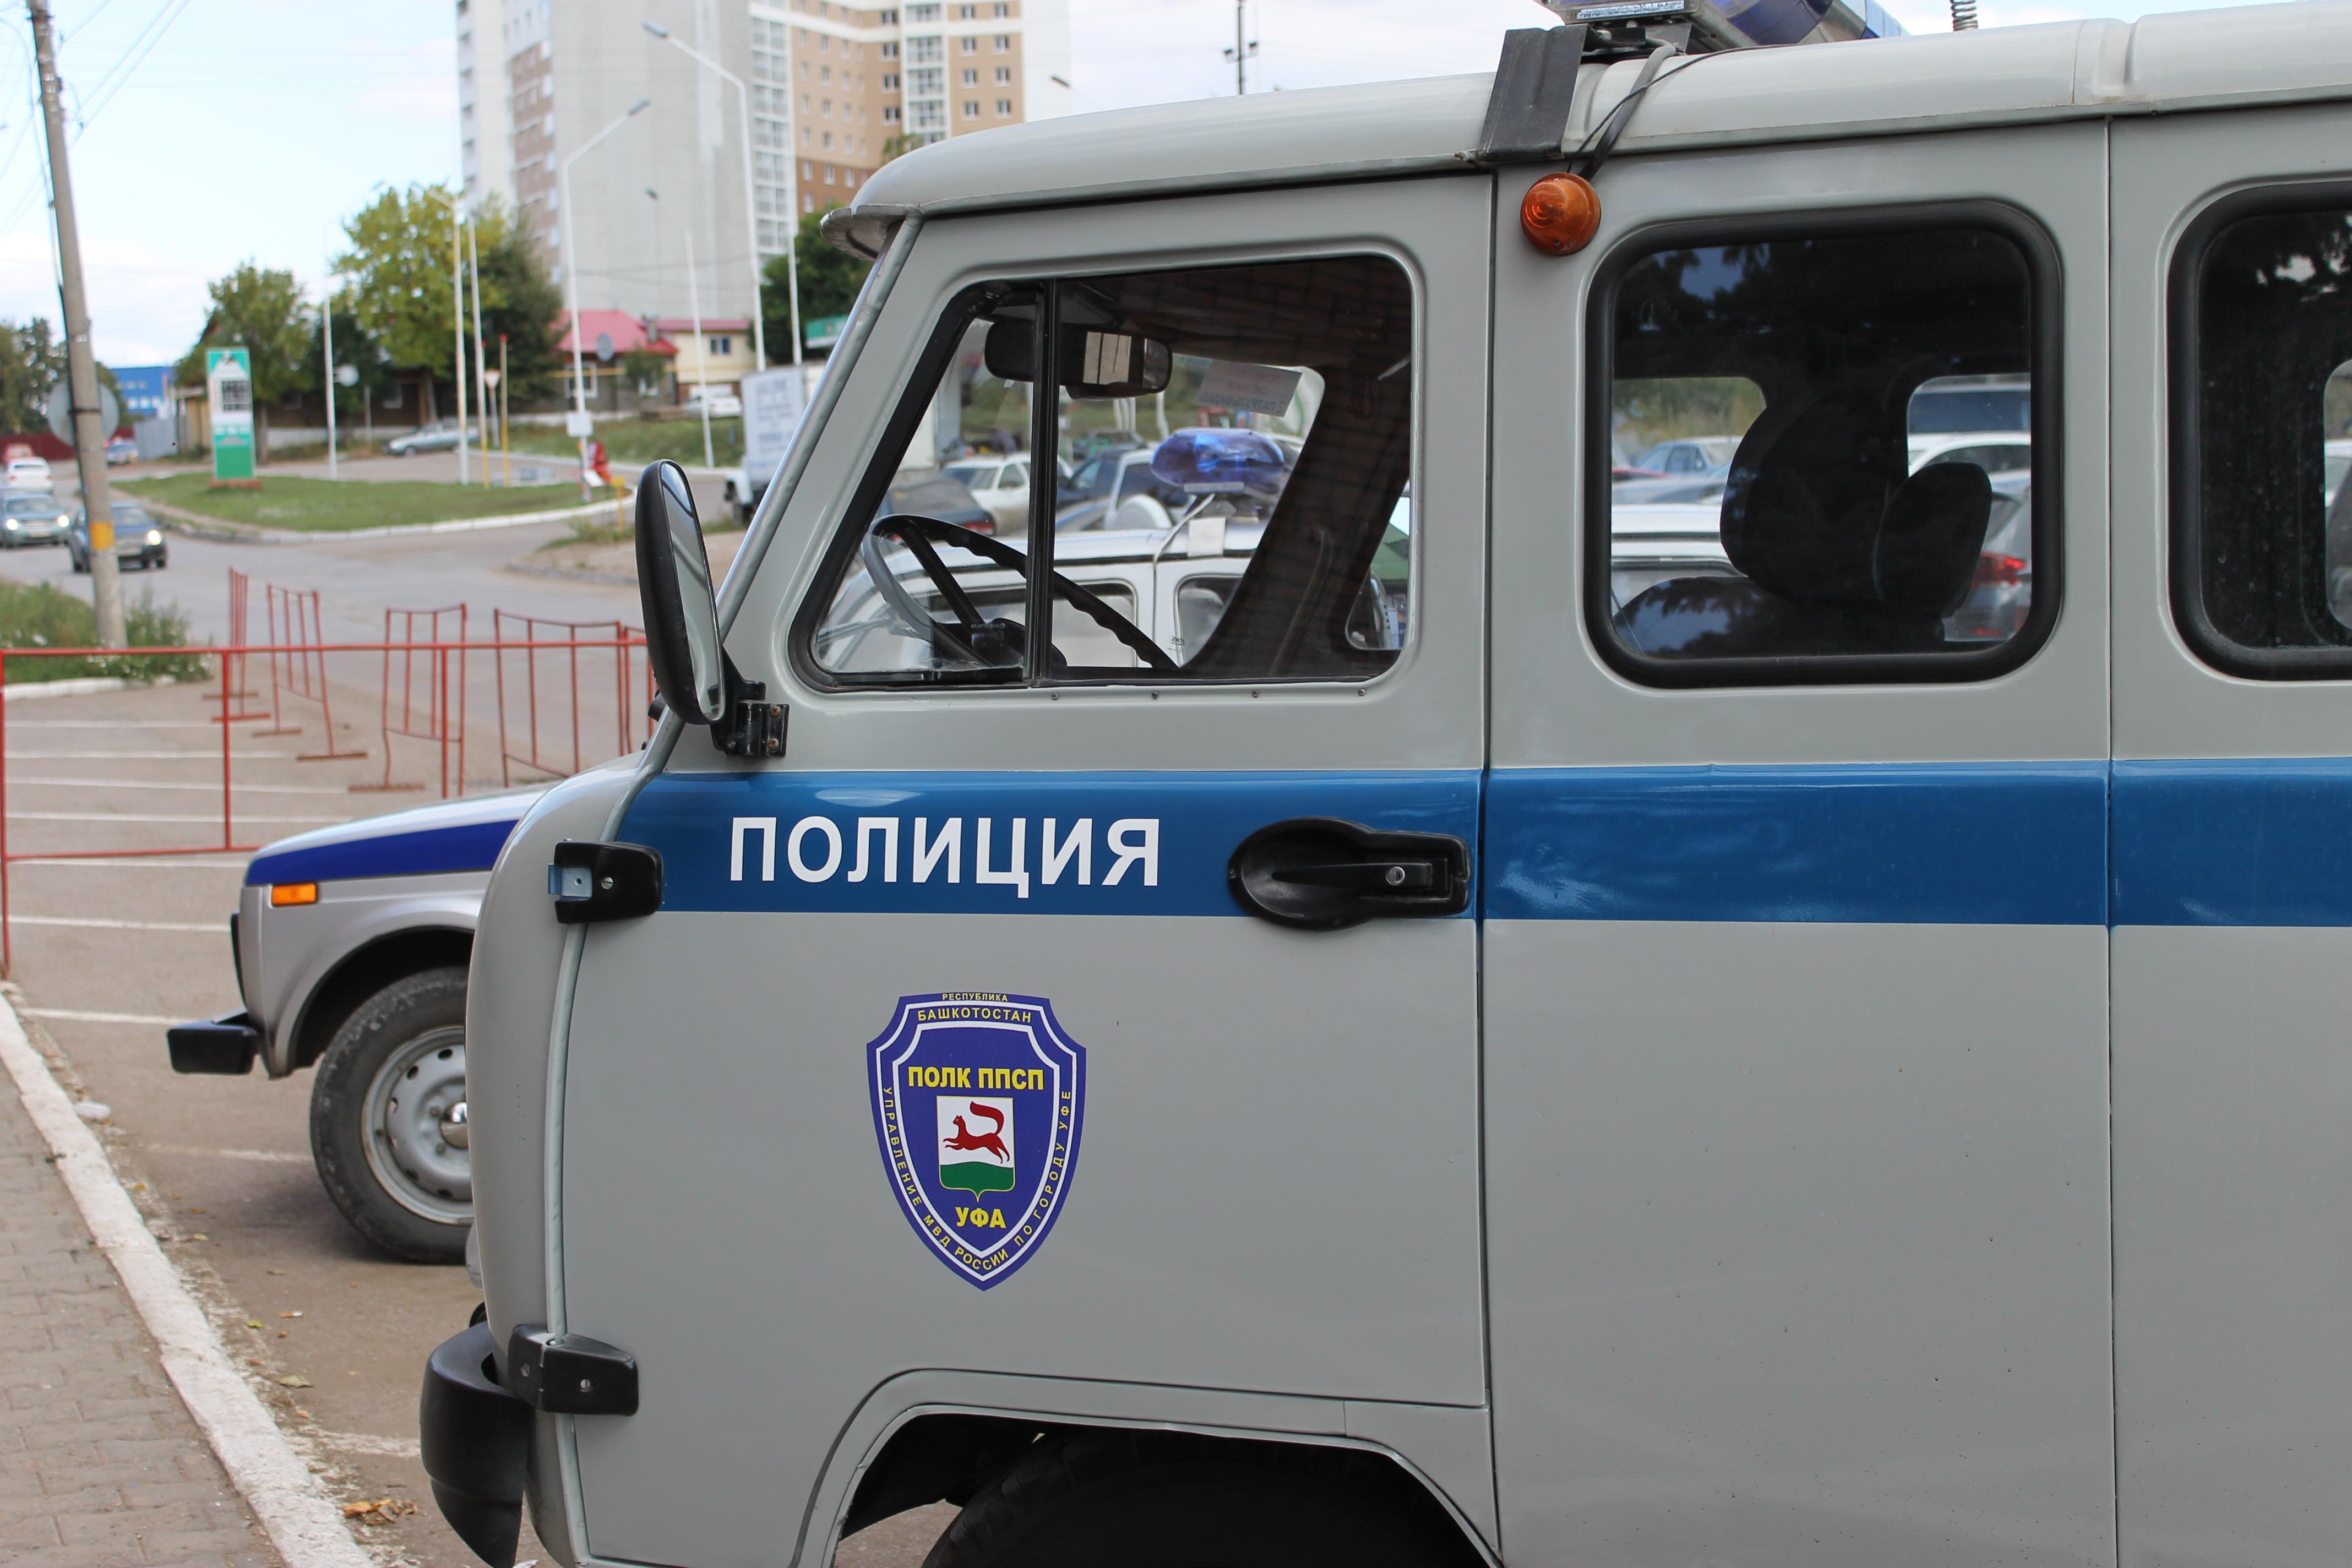 В Башкирии пьяный мужчина надругался над маленькой девочкой